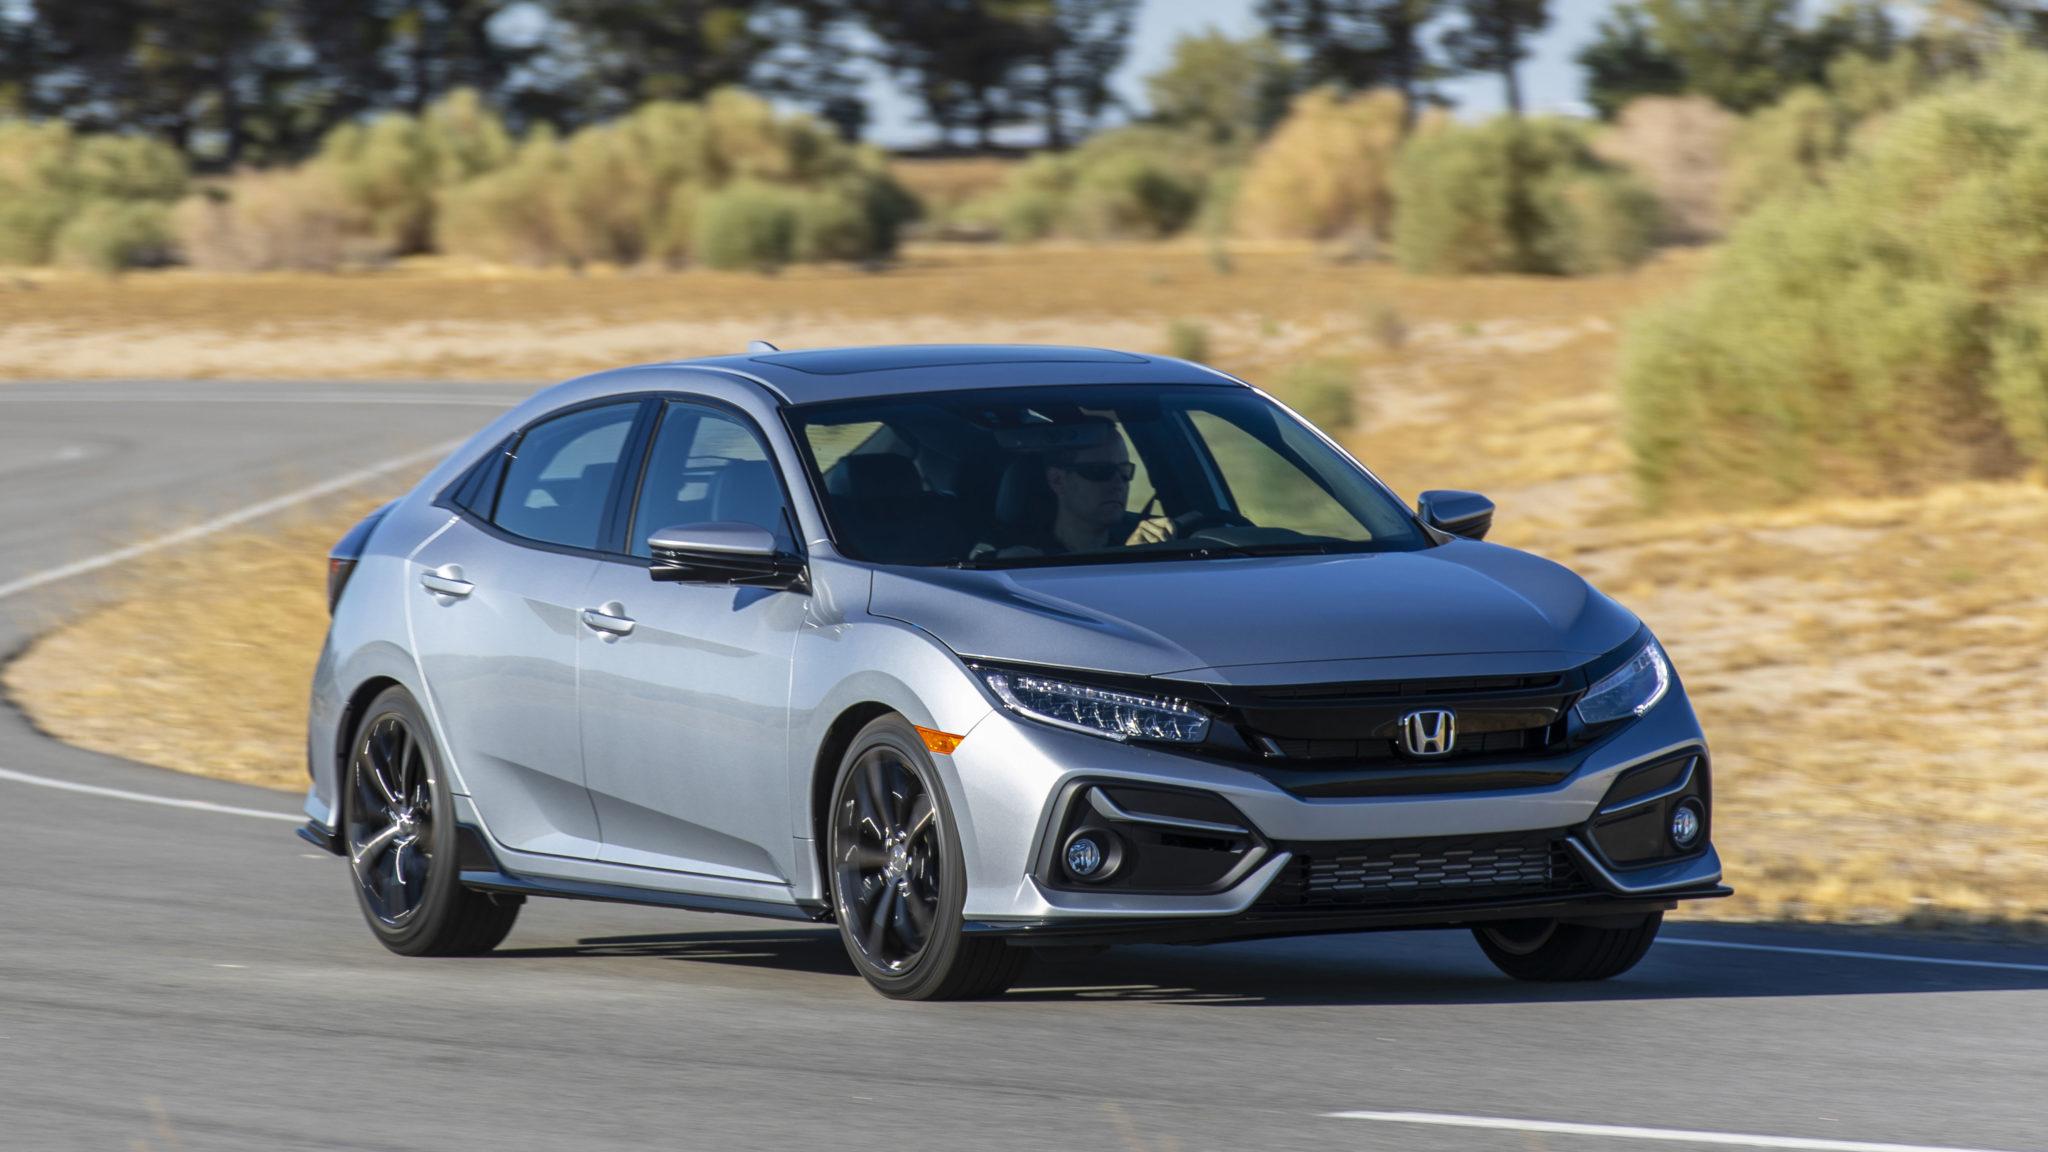 Refreshed 2020 Honda Civic Hatchback Pricing Details